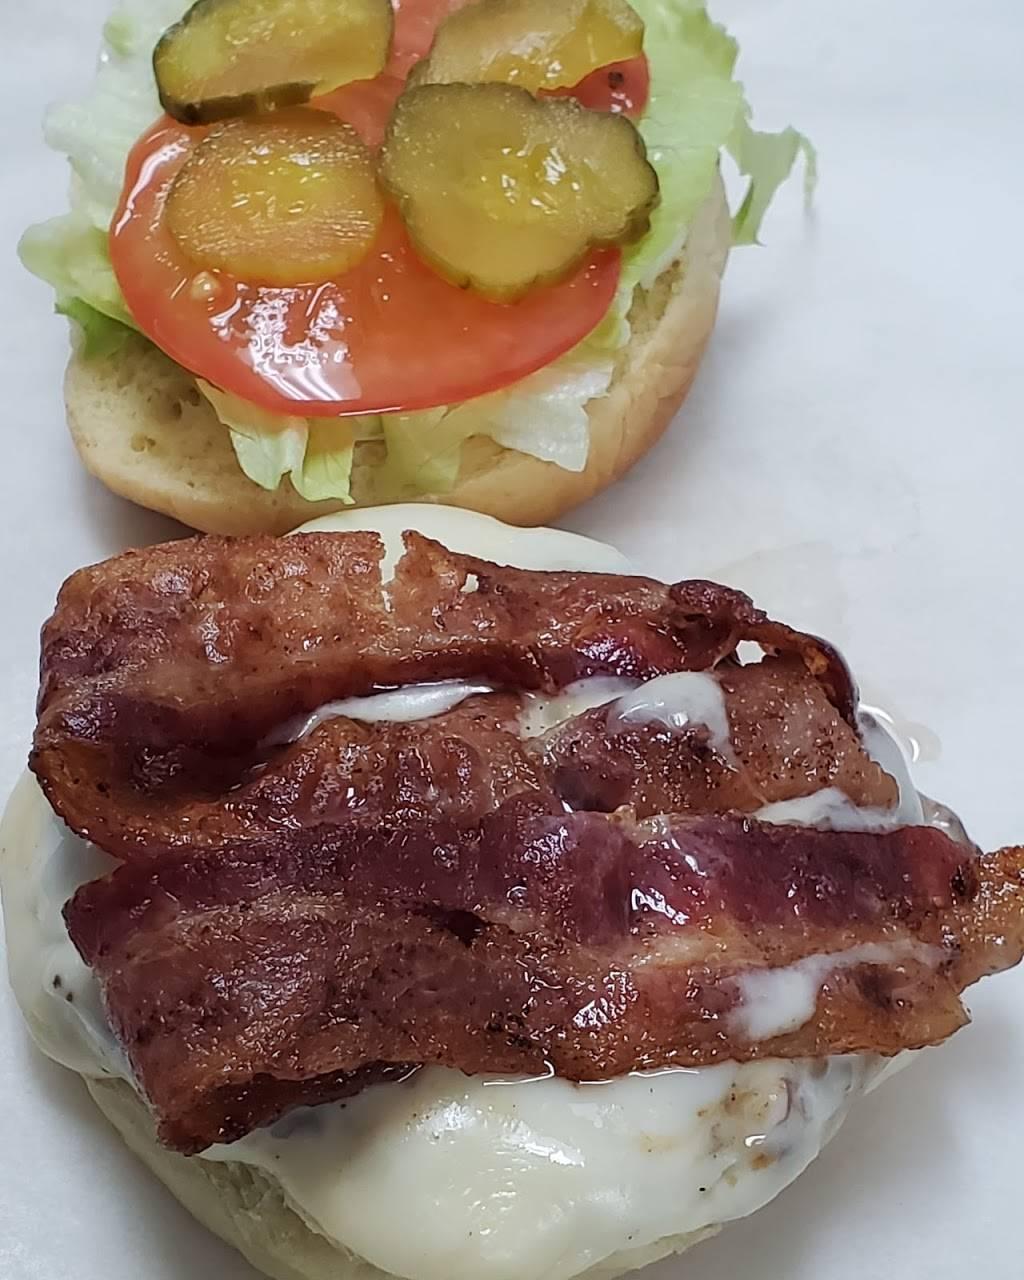 Cheesesteak Spot | restaurant | 13979 Raised Antler Cir, Midlothian, VA 23112, USA | 8046013091 OR +1 804-601-3091